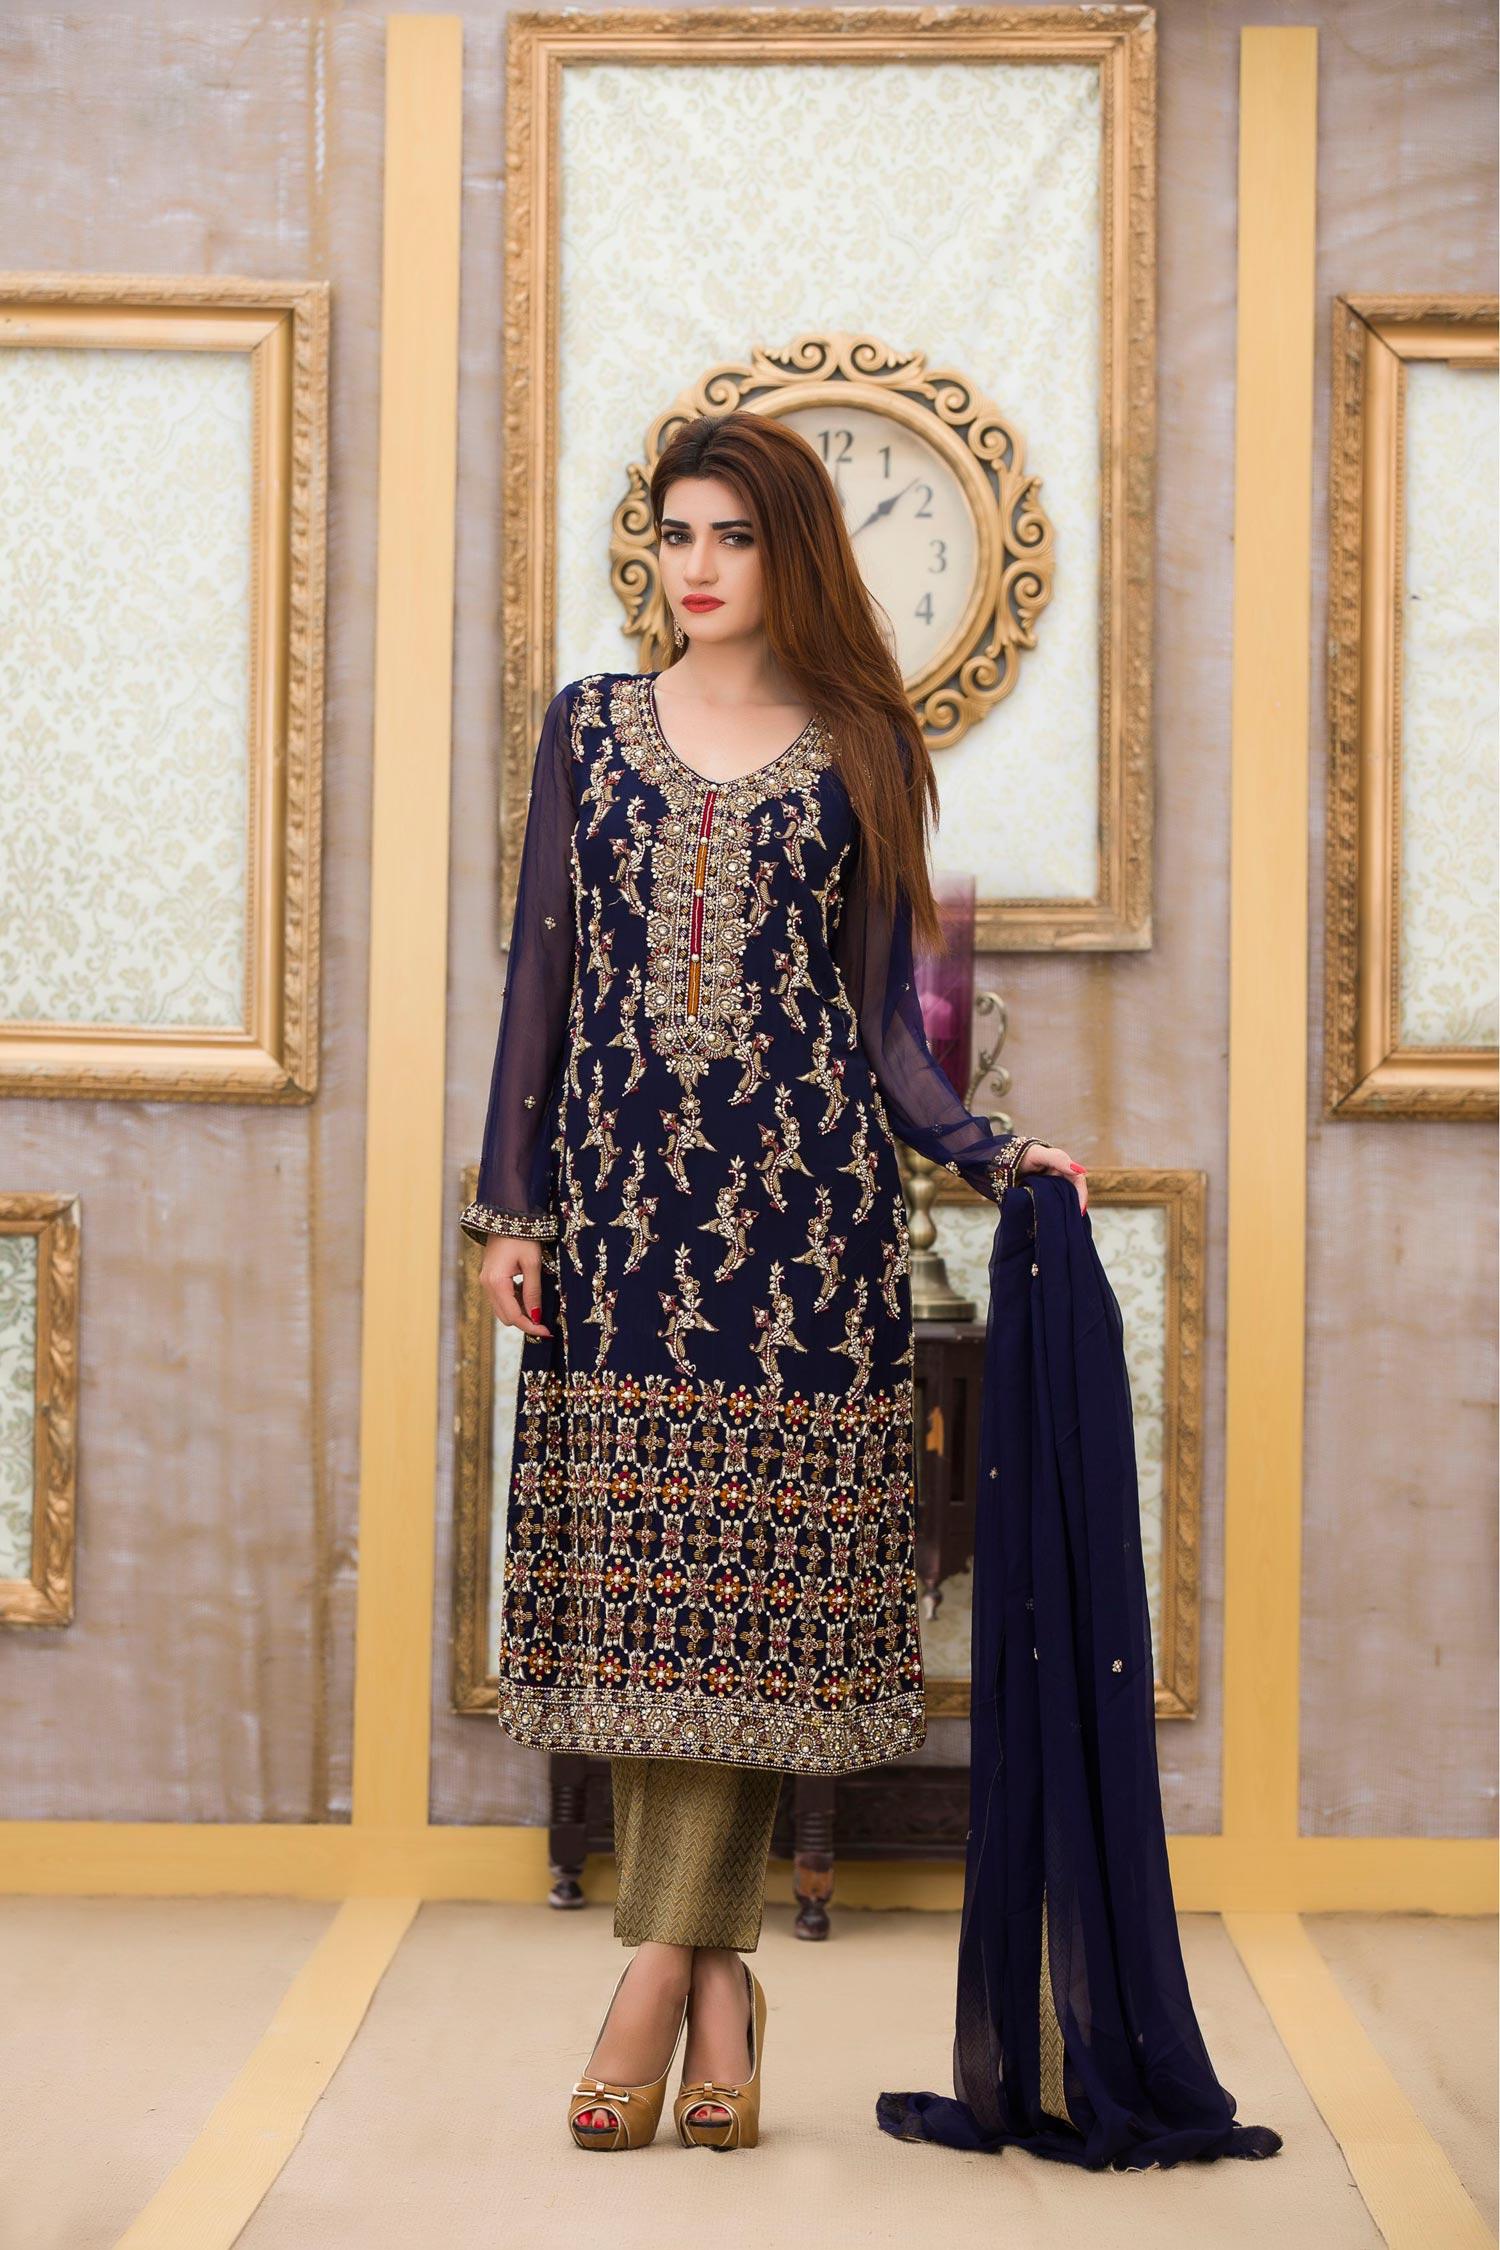 c60b7fee92 EXCLUSIVE BOUTIQUE NAVY BLUE BRIDAL DRESS - Exclusive Online Boutique